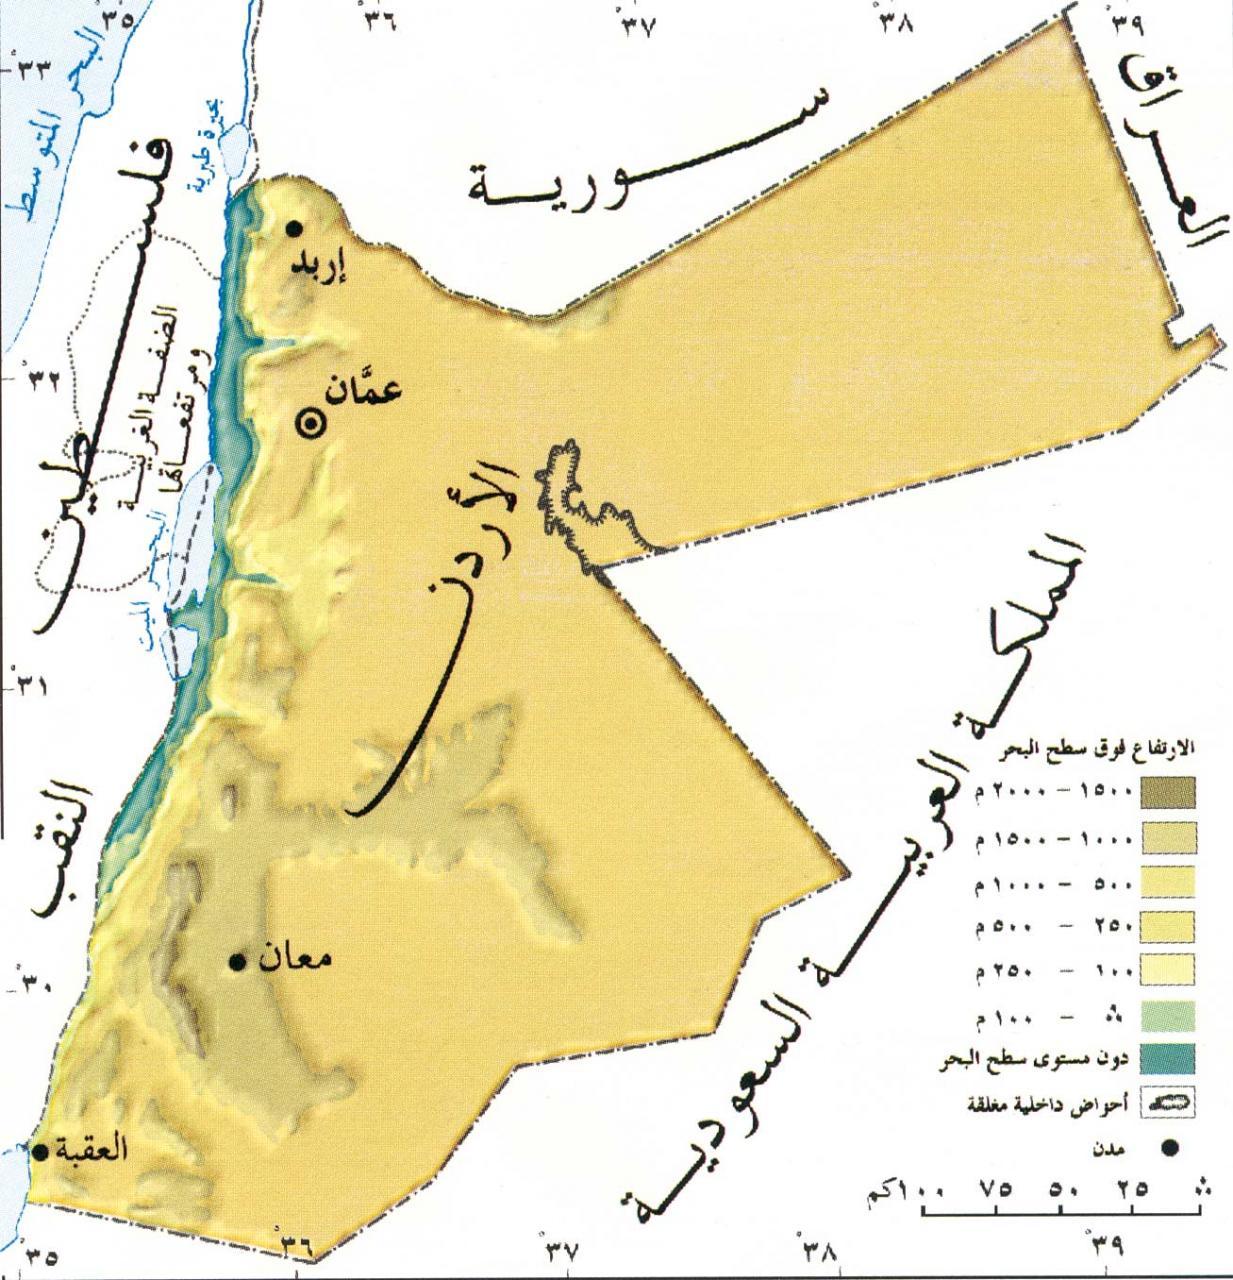 خريطة الأردن الجُغرافية